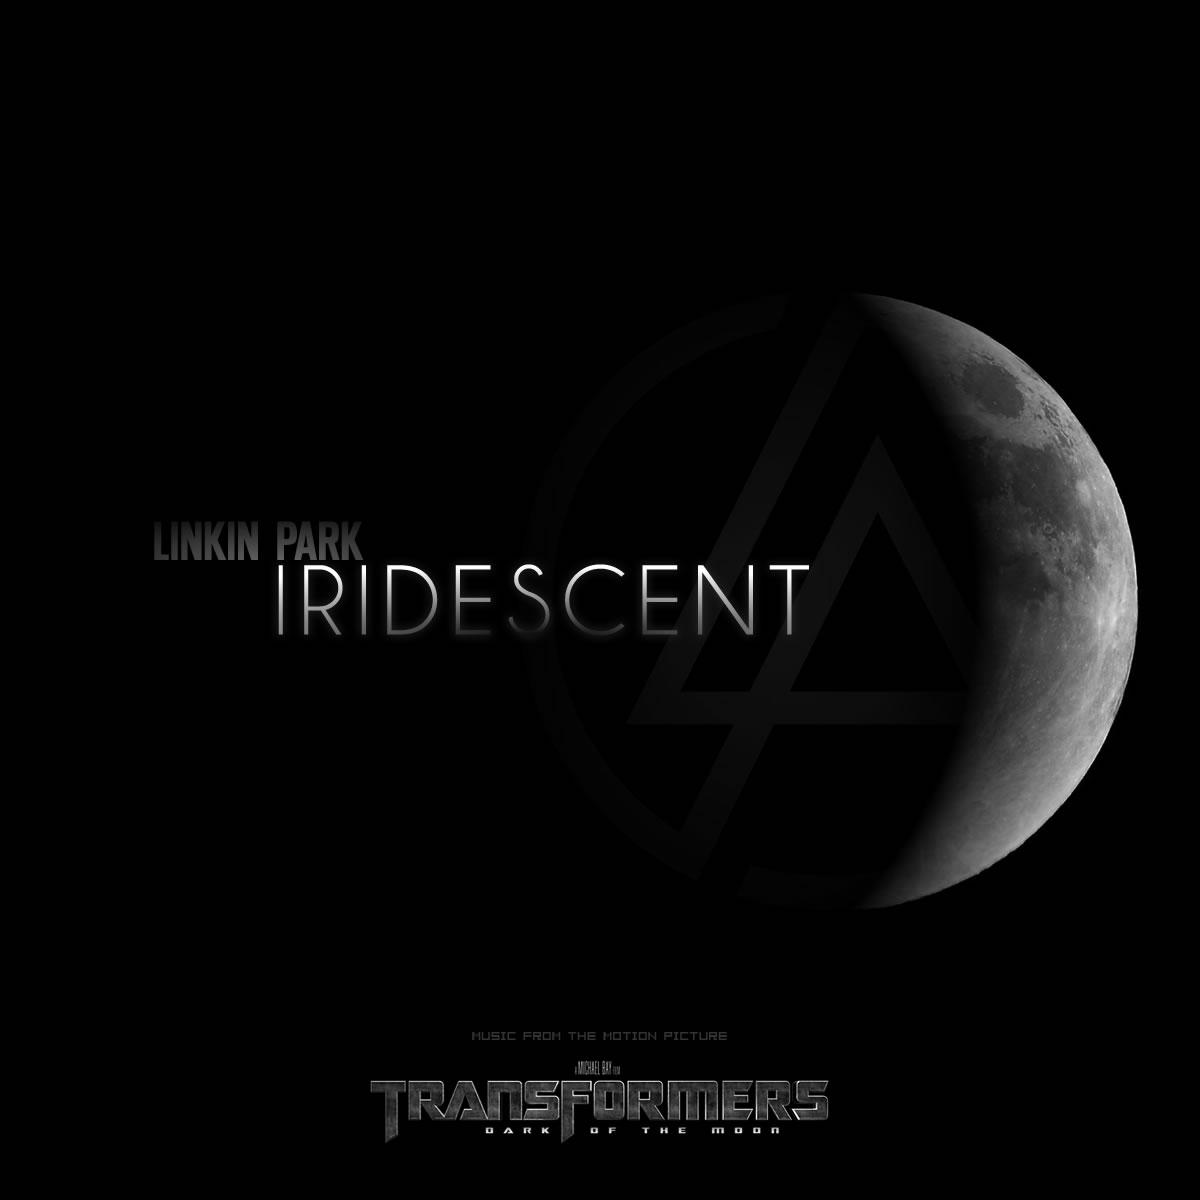 Linkin Park Wallpaper: Iridescent TF3 By Vlnist1 On DeviantArt